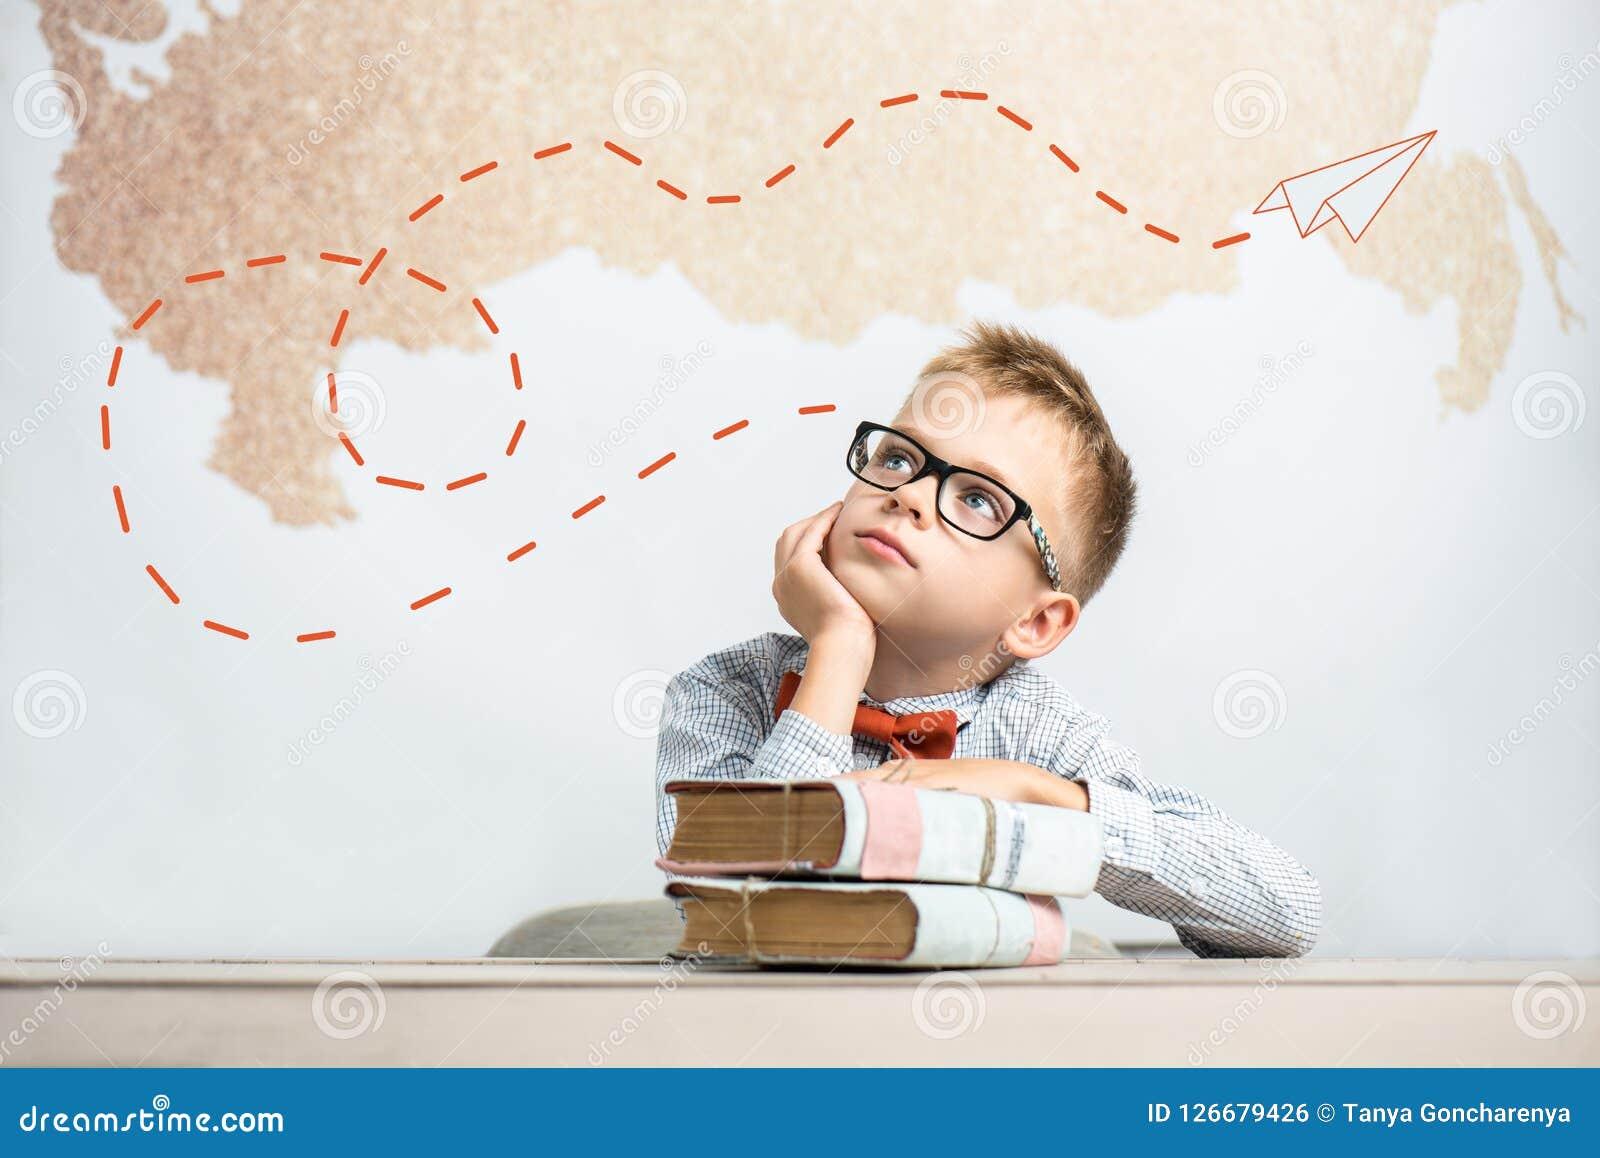 Ένας στοχαστικός μαθητής κάθεται σε ένα γραφείο με τα βιβλία